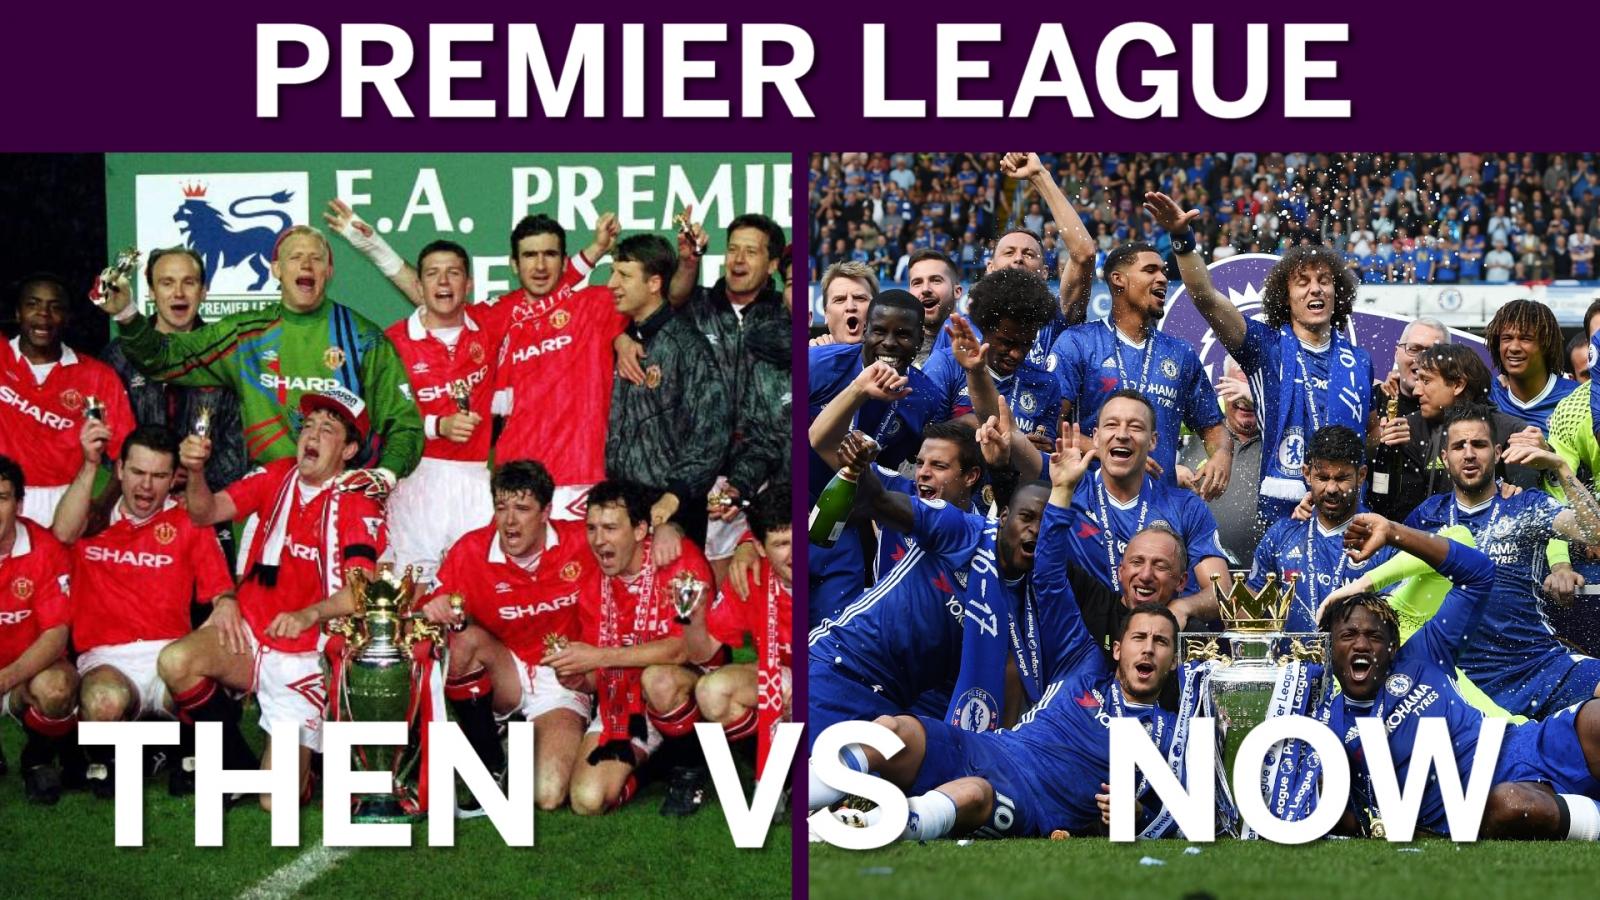 premier-league-at-25-then-vs-now